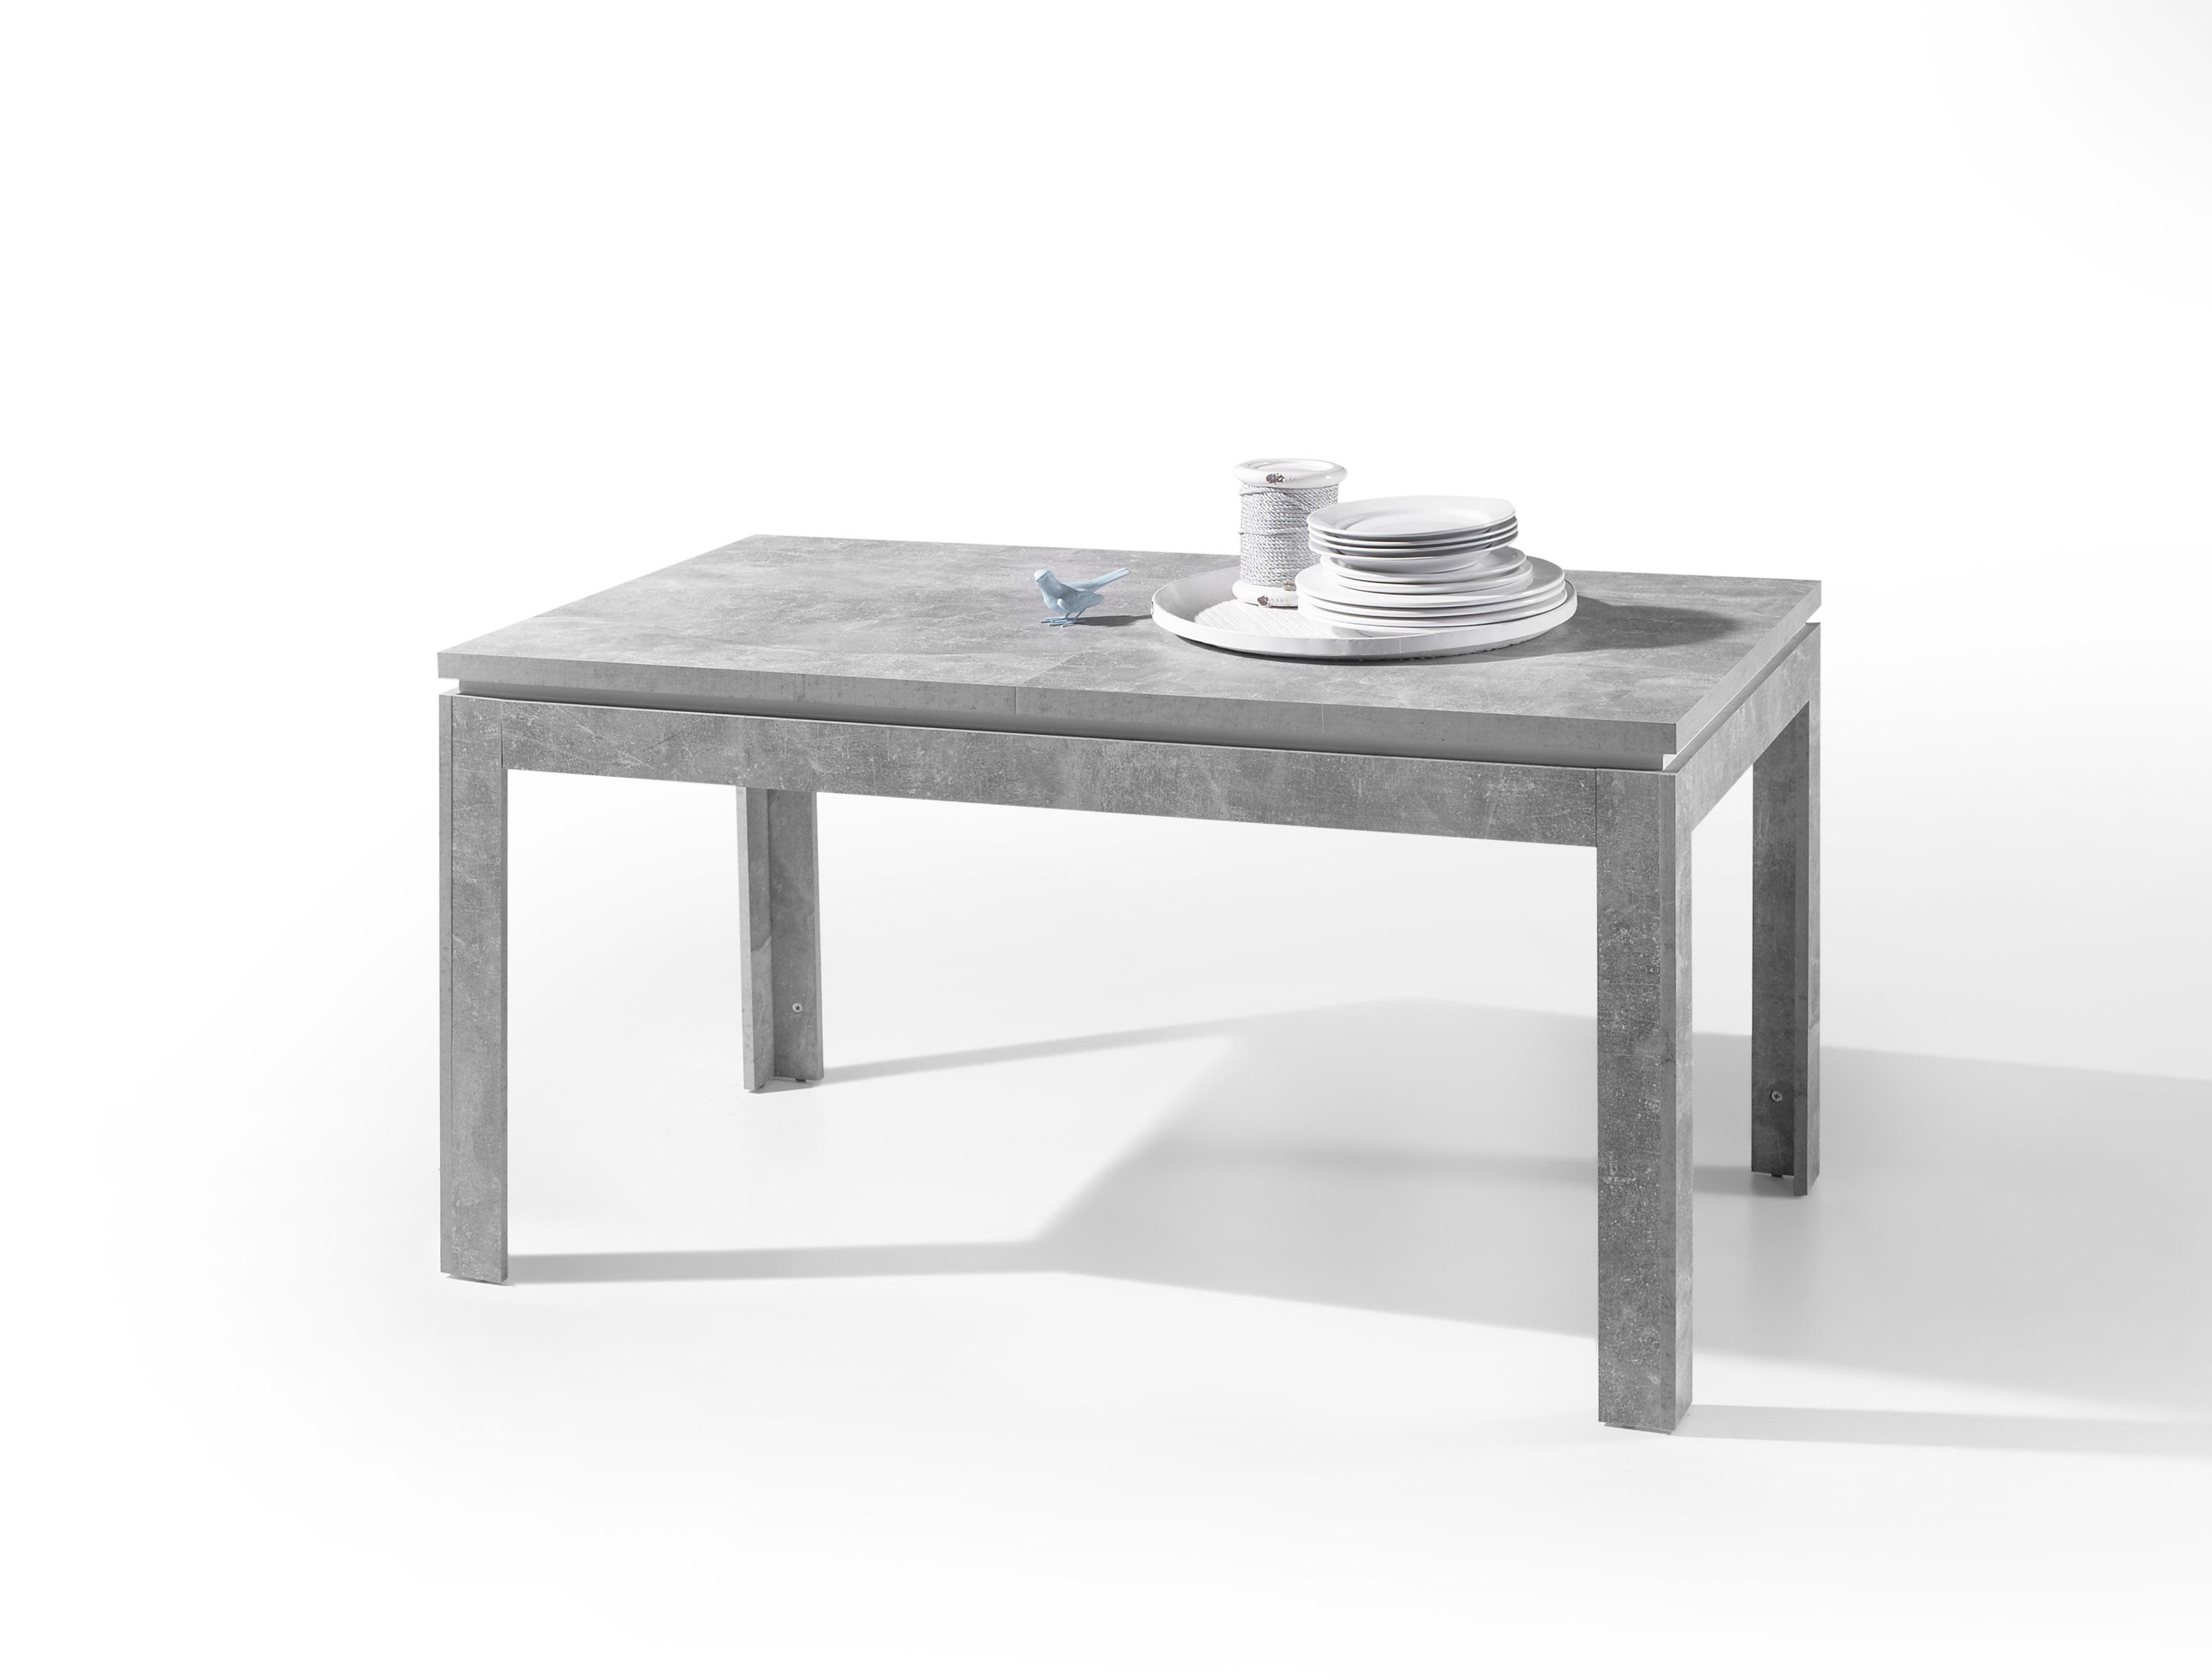 Esstisch Stone Esszimmertisch Küchentisch Tisch Ausziehbar Grau